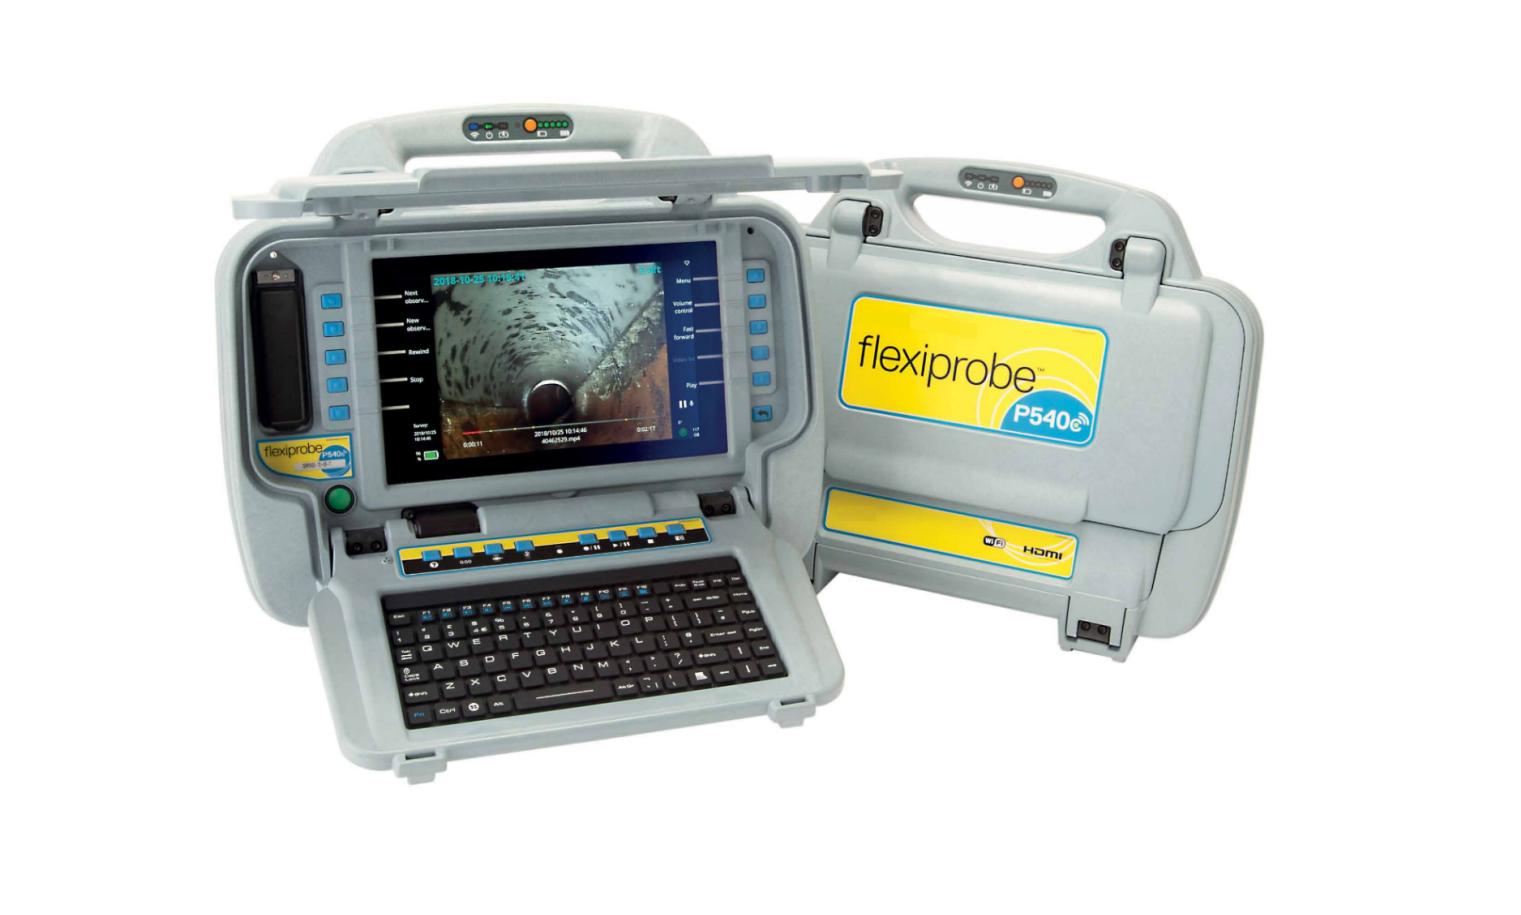 Inspection vidéo professionnel Flexiprobe P-540c